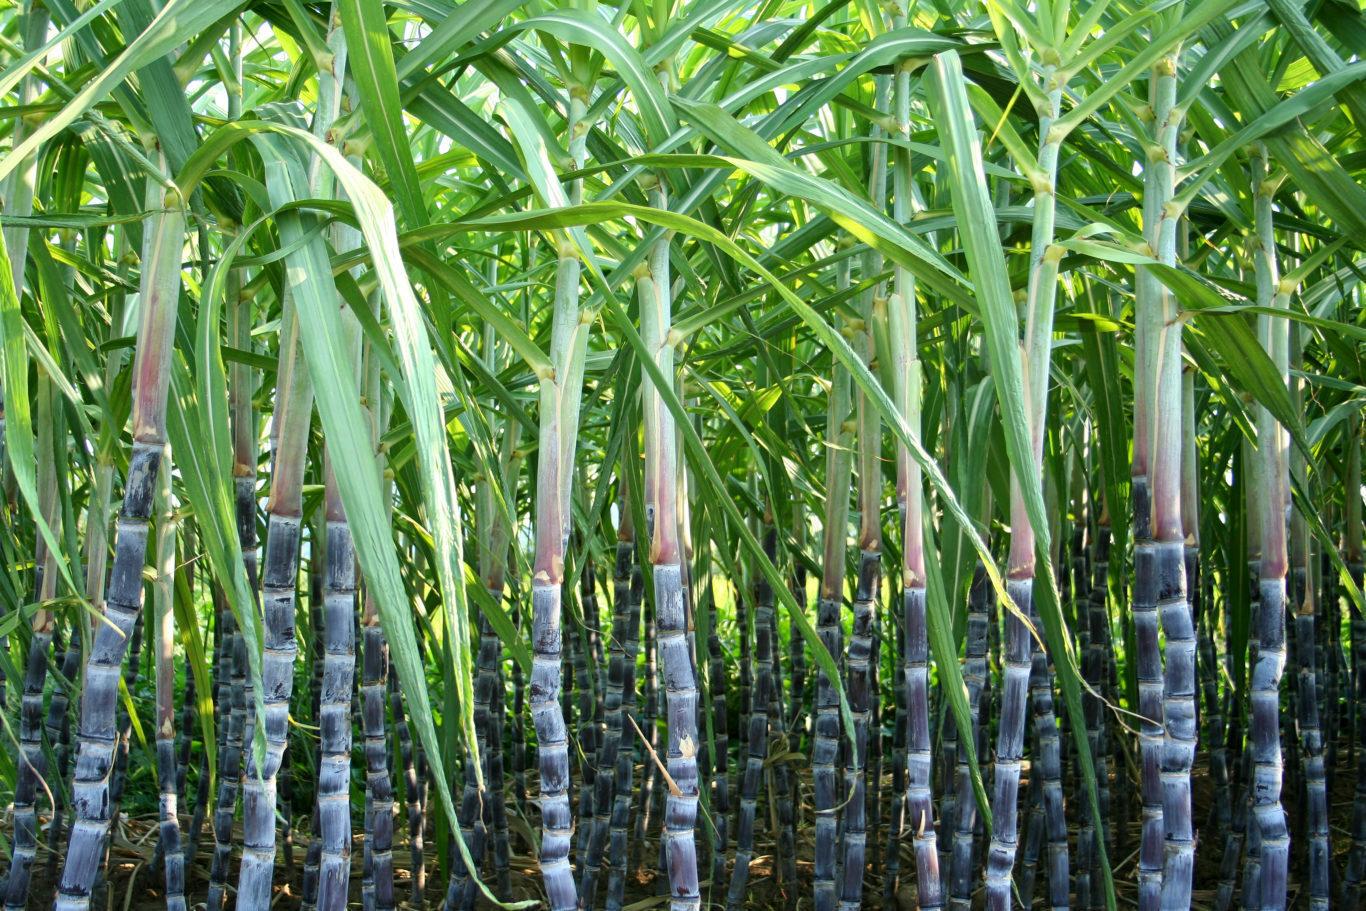 bambus alko90.sk